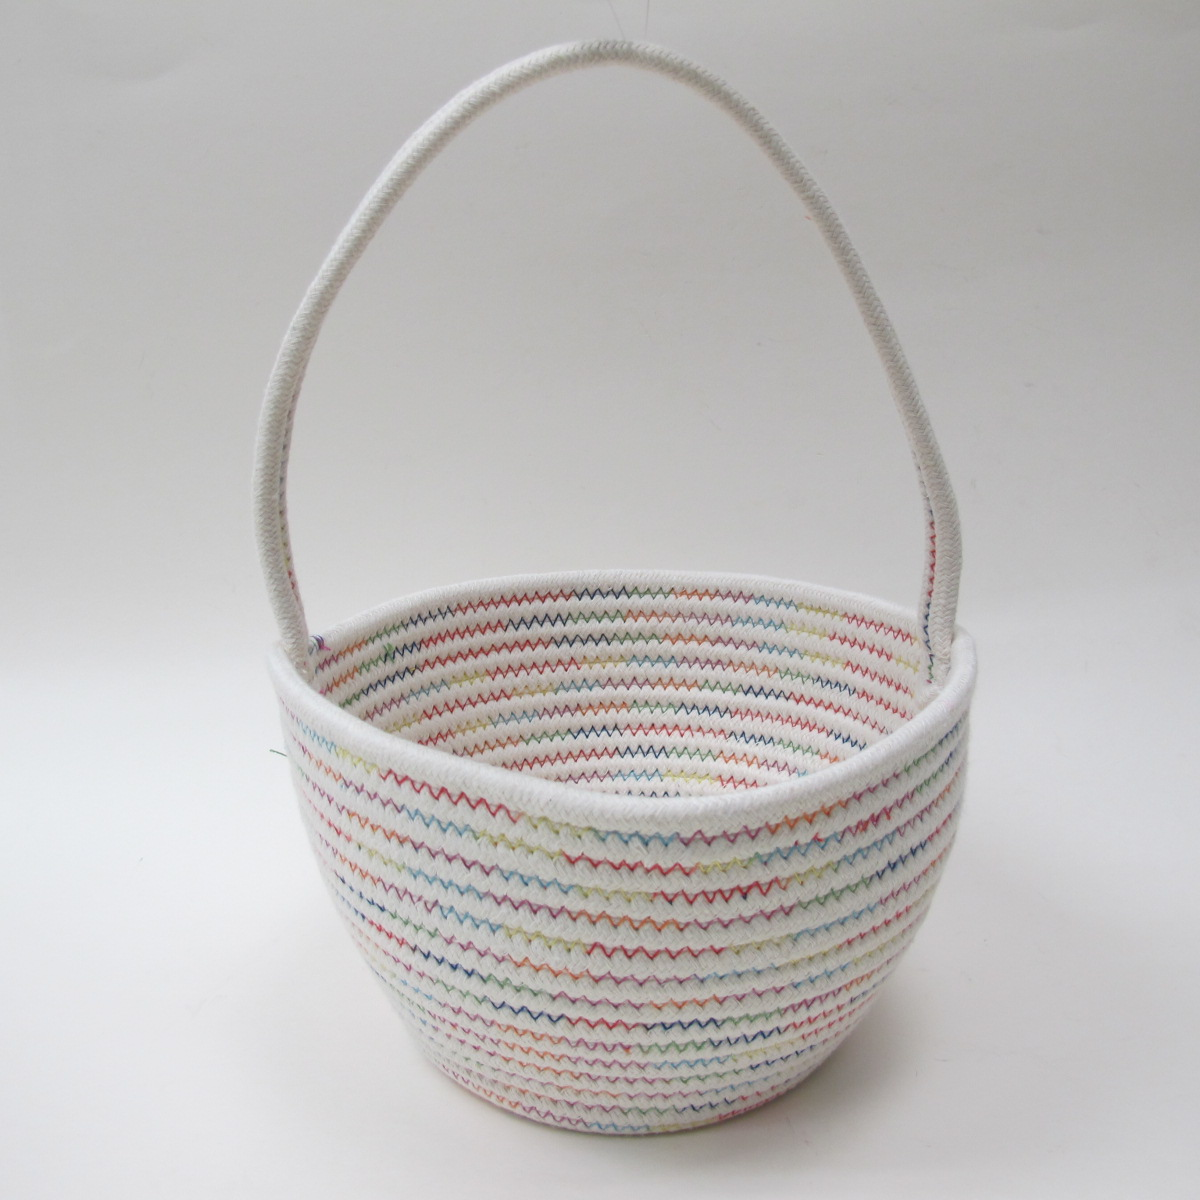 Easter -wal-mart White/multi Lg Bskt